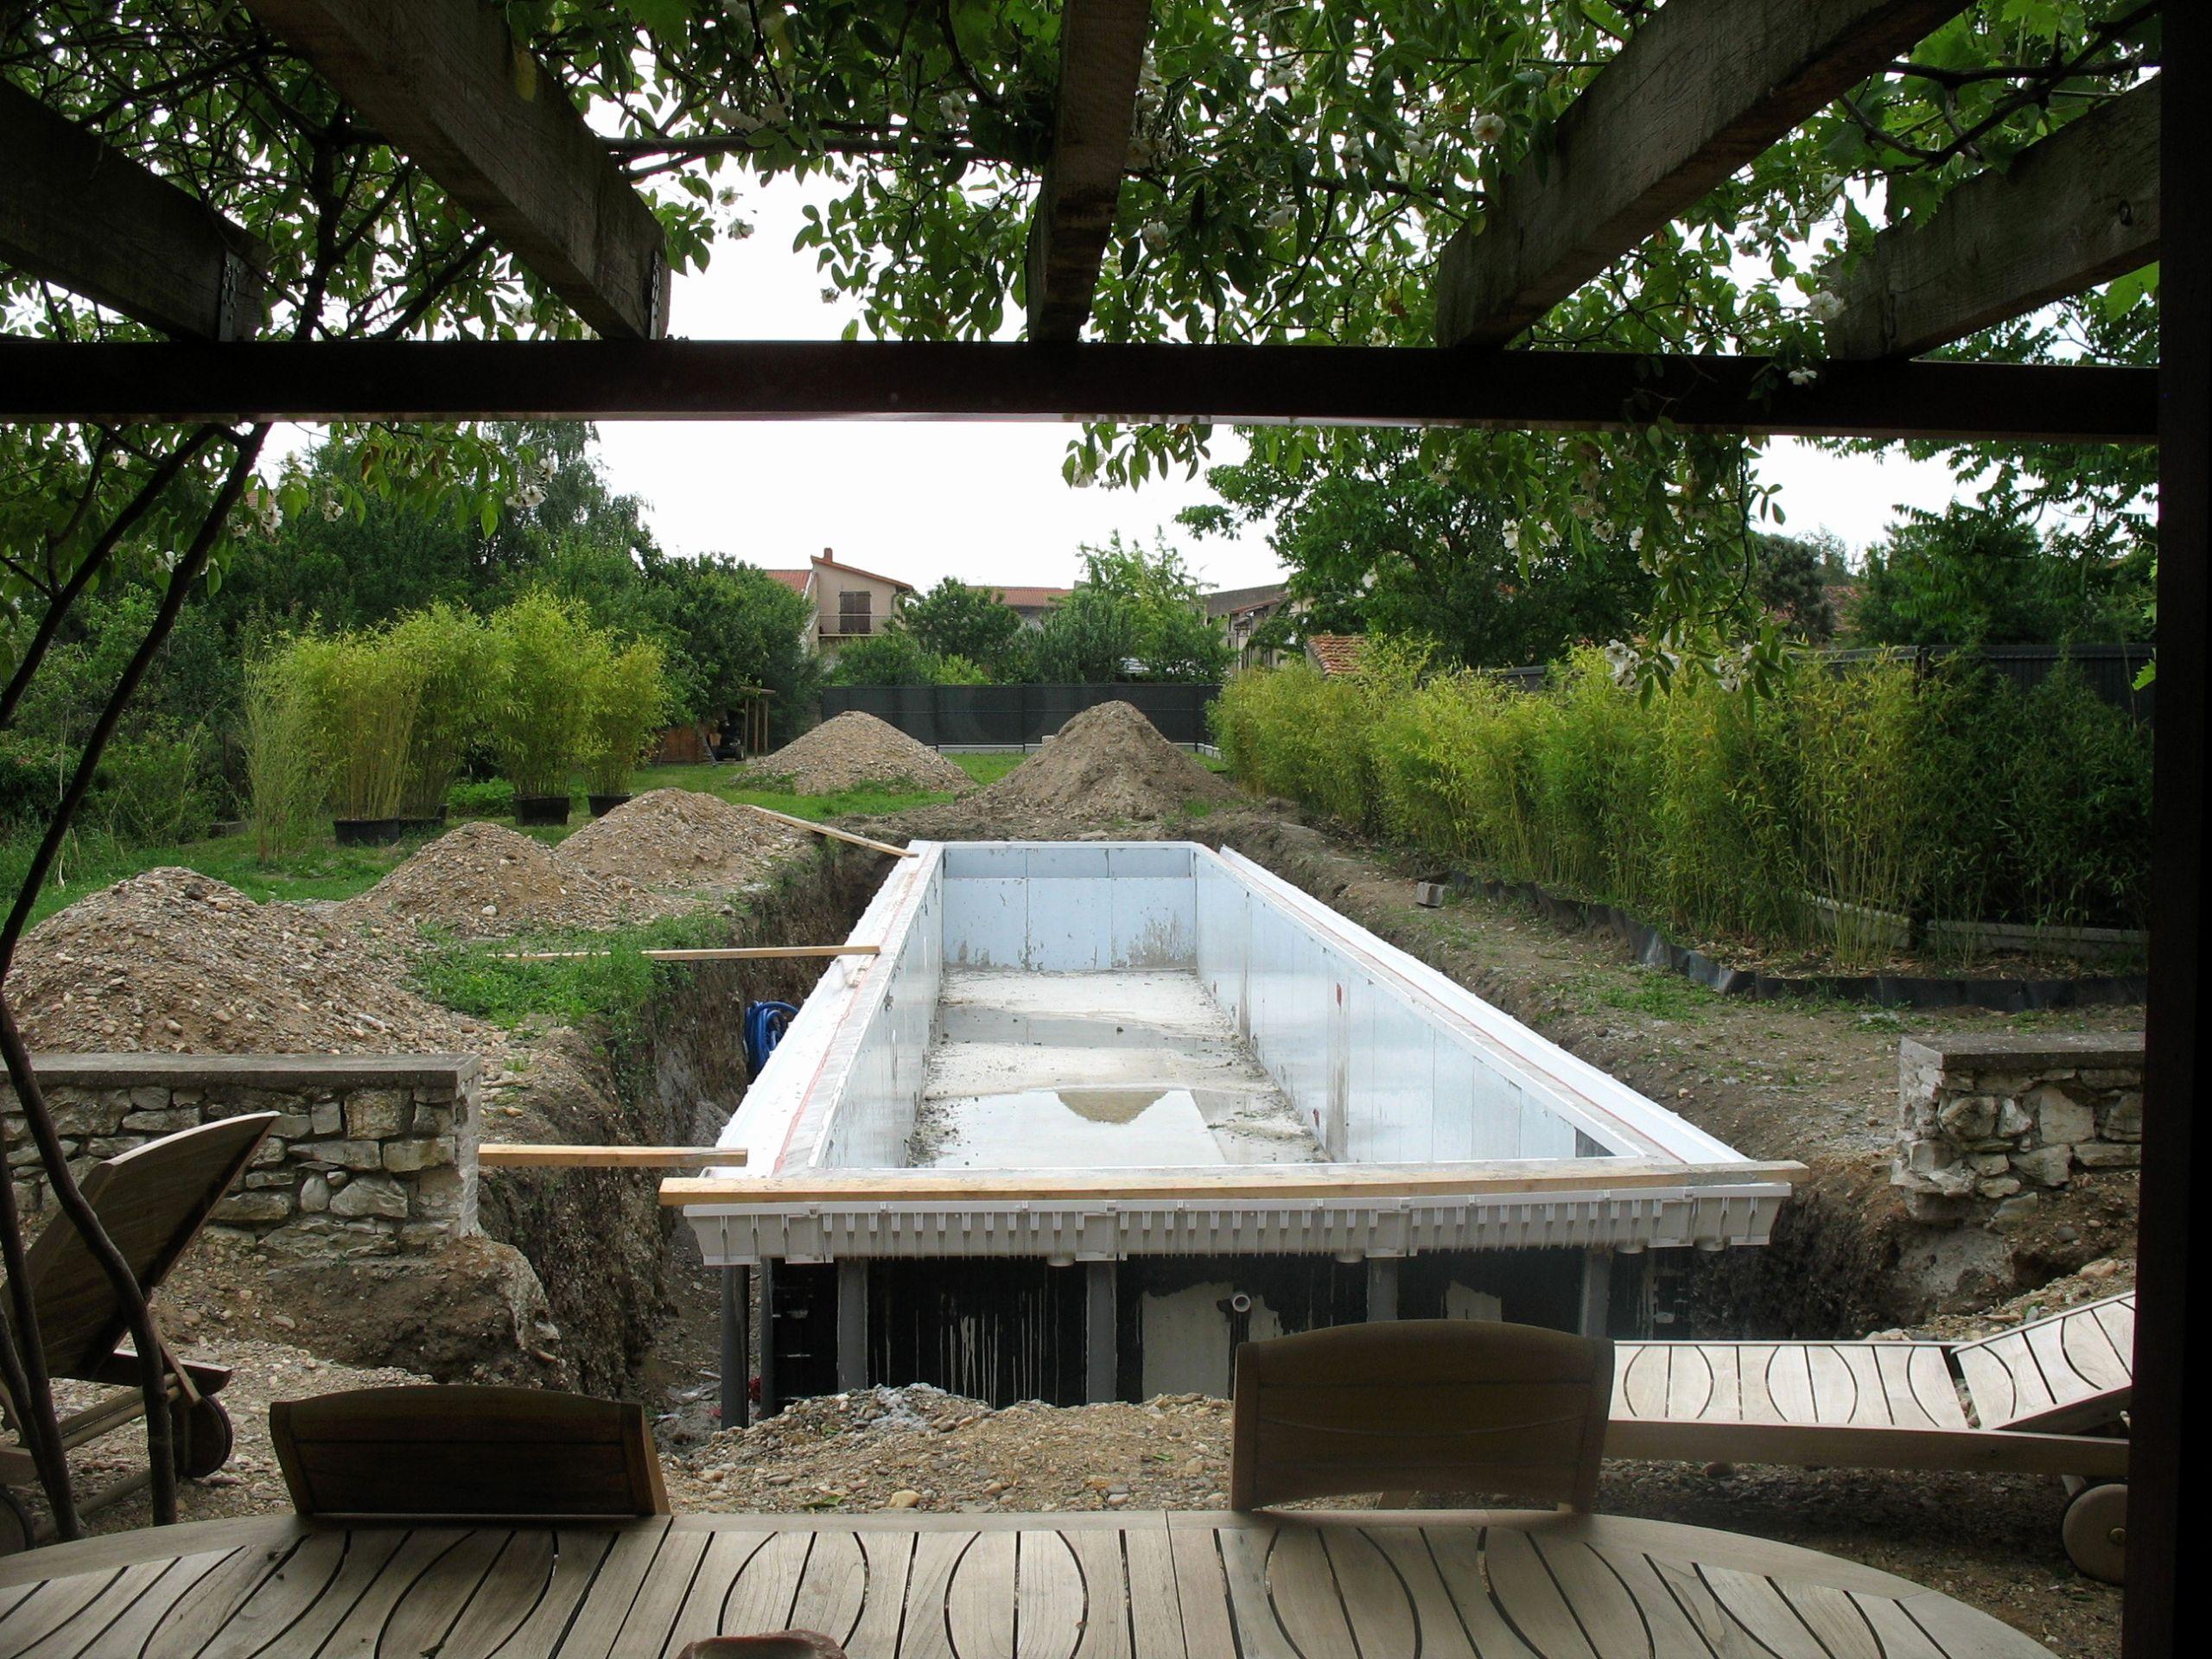 decoration exterieur jardin moderne beau idee amenagement exterieur pas cher beau deco paysage 0d kanae of decoration exterieur jardin moderne